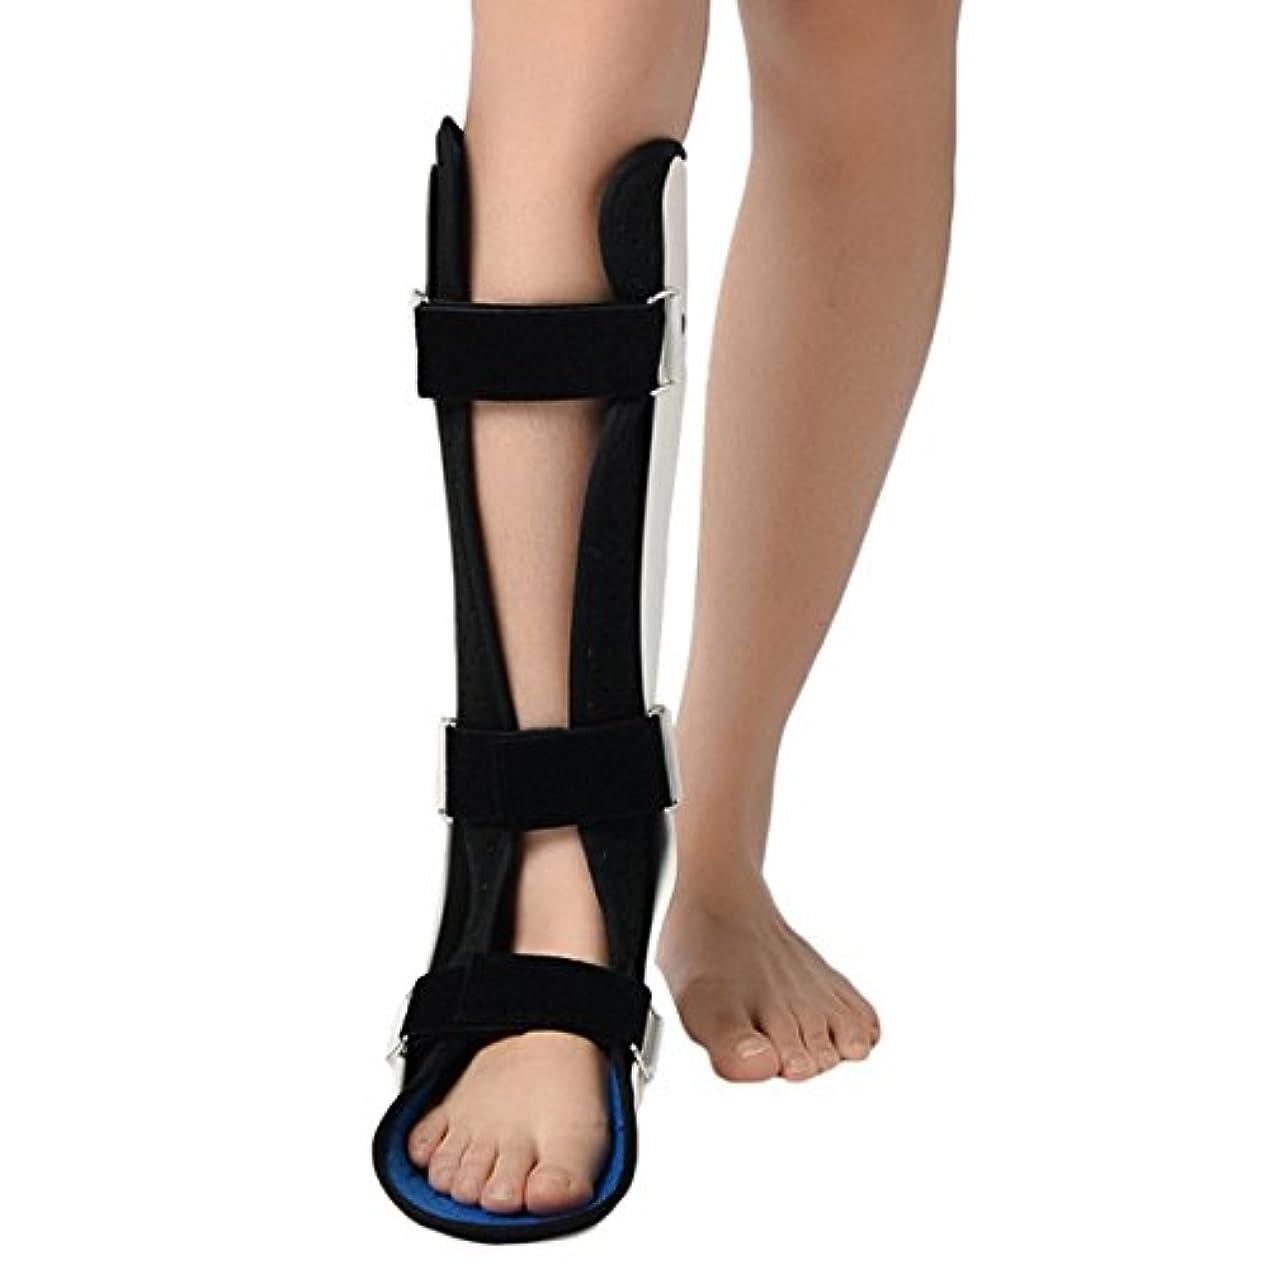 カブ感覚頑張るアンクル骨折リハビリテーション看護ケア固定足アンクルブーツアンクルブレースサポート足の捻挫足首サポートブレース